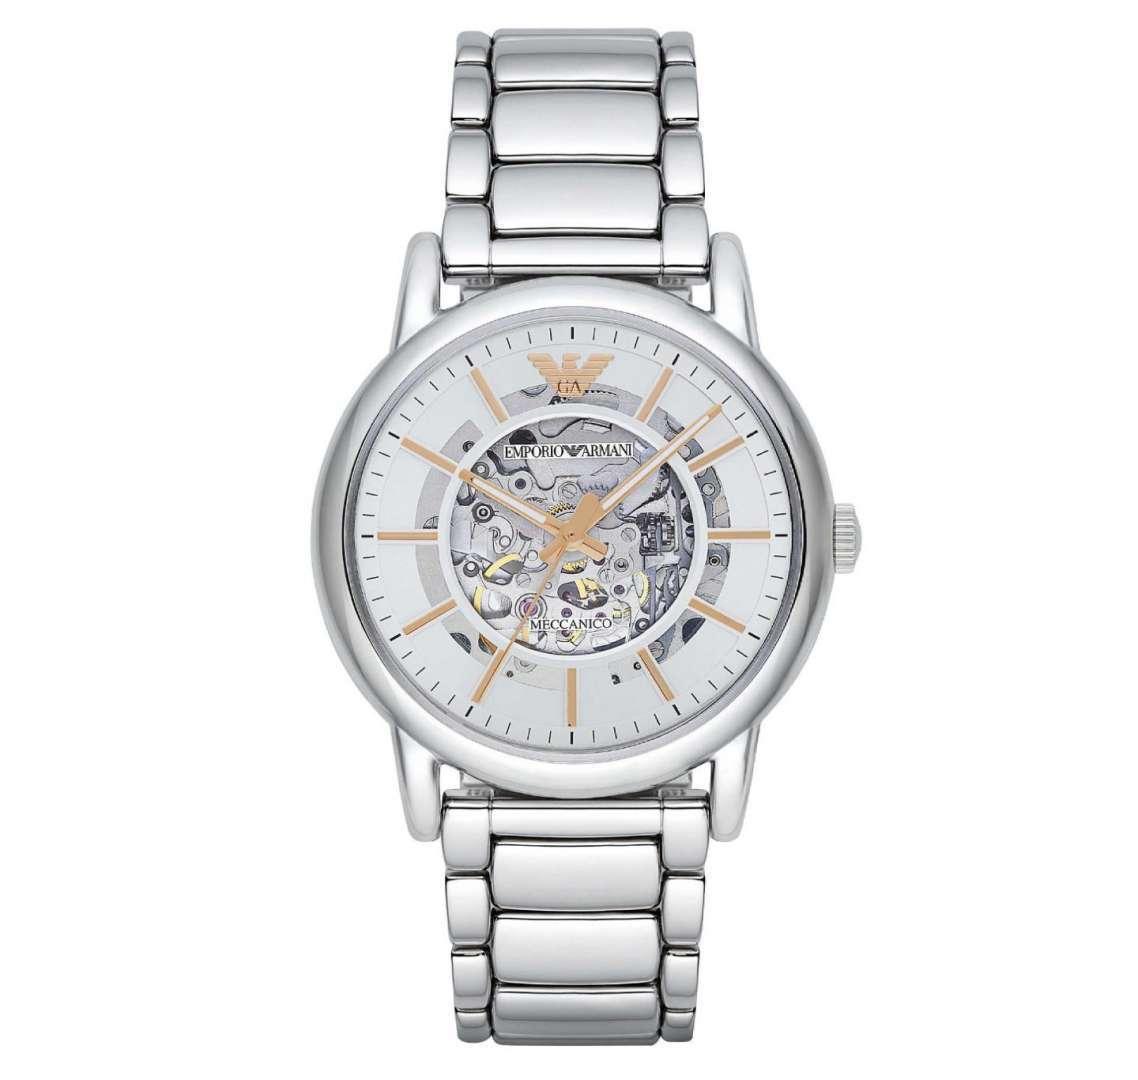 שעון יד אנלוגי לגבר emporio armani ar1980 אמפוריו ארמני